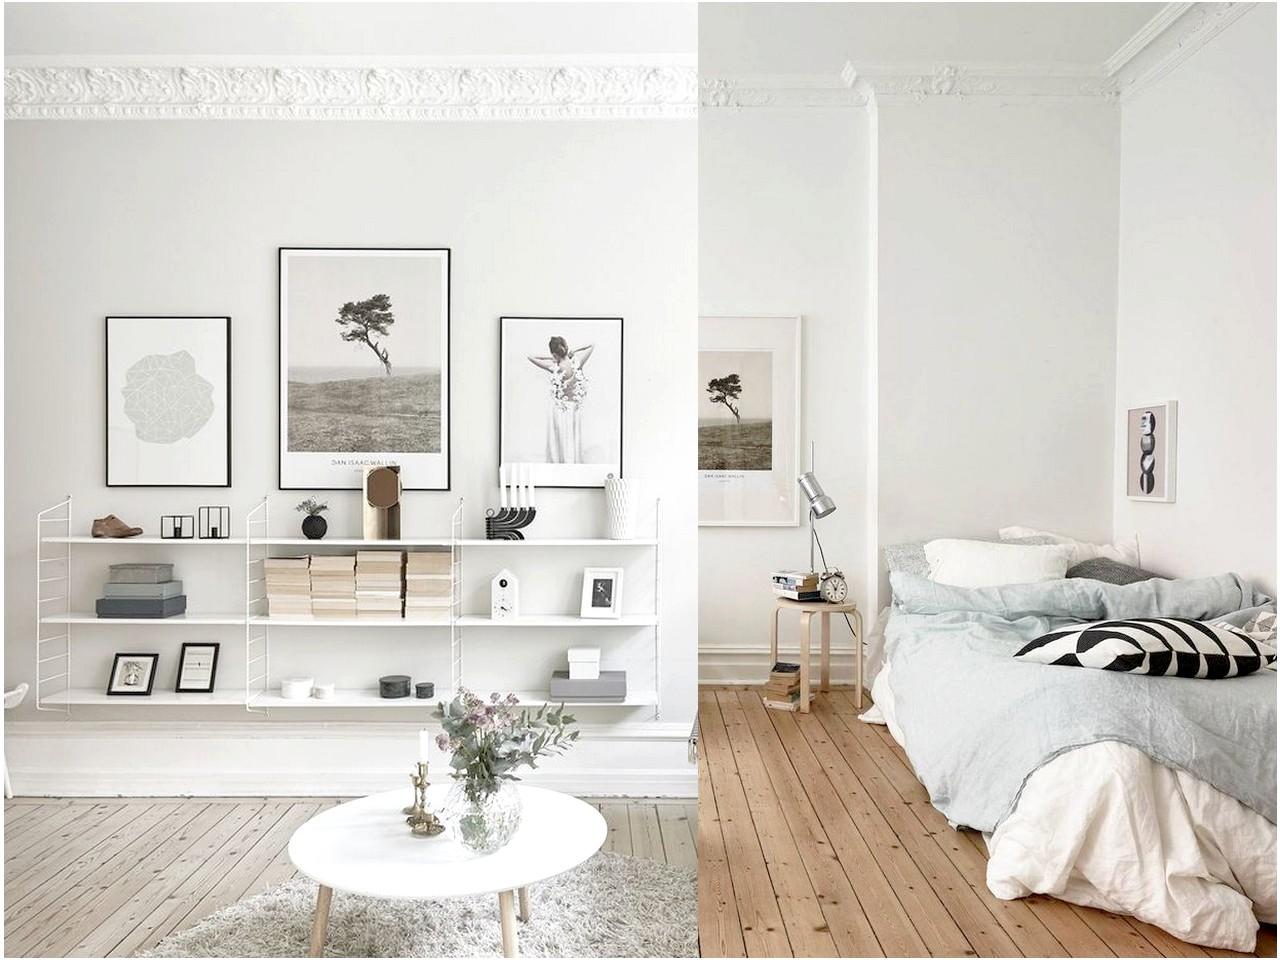 La decoraci n con molduras en casa vuelve a ser tendencia for Lienzos para salon modernos